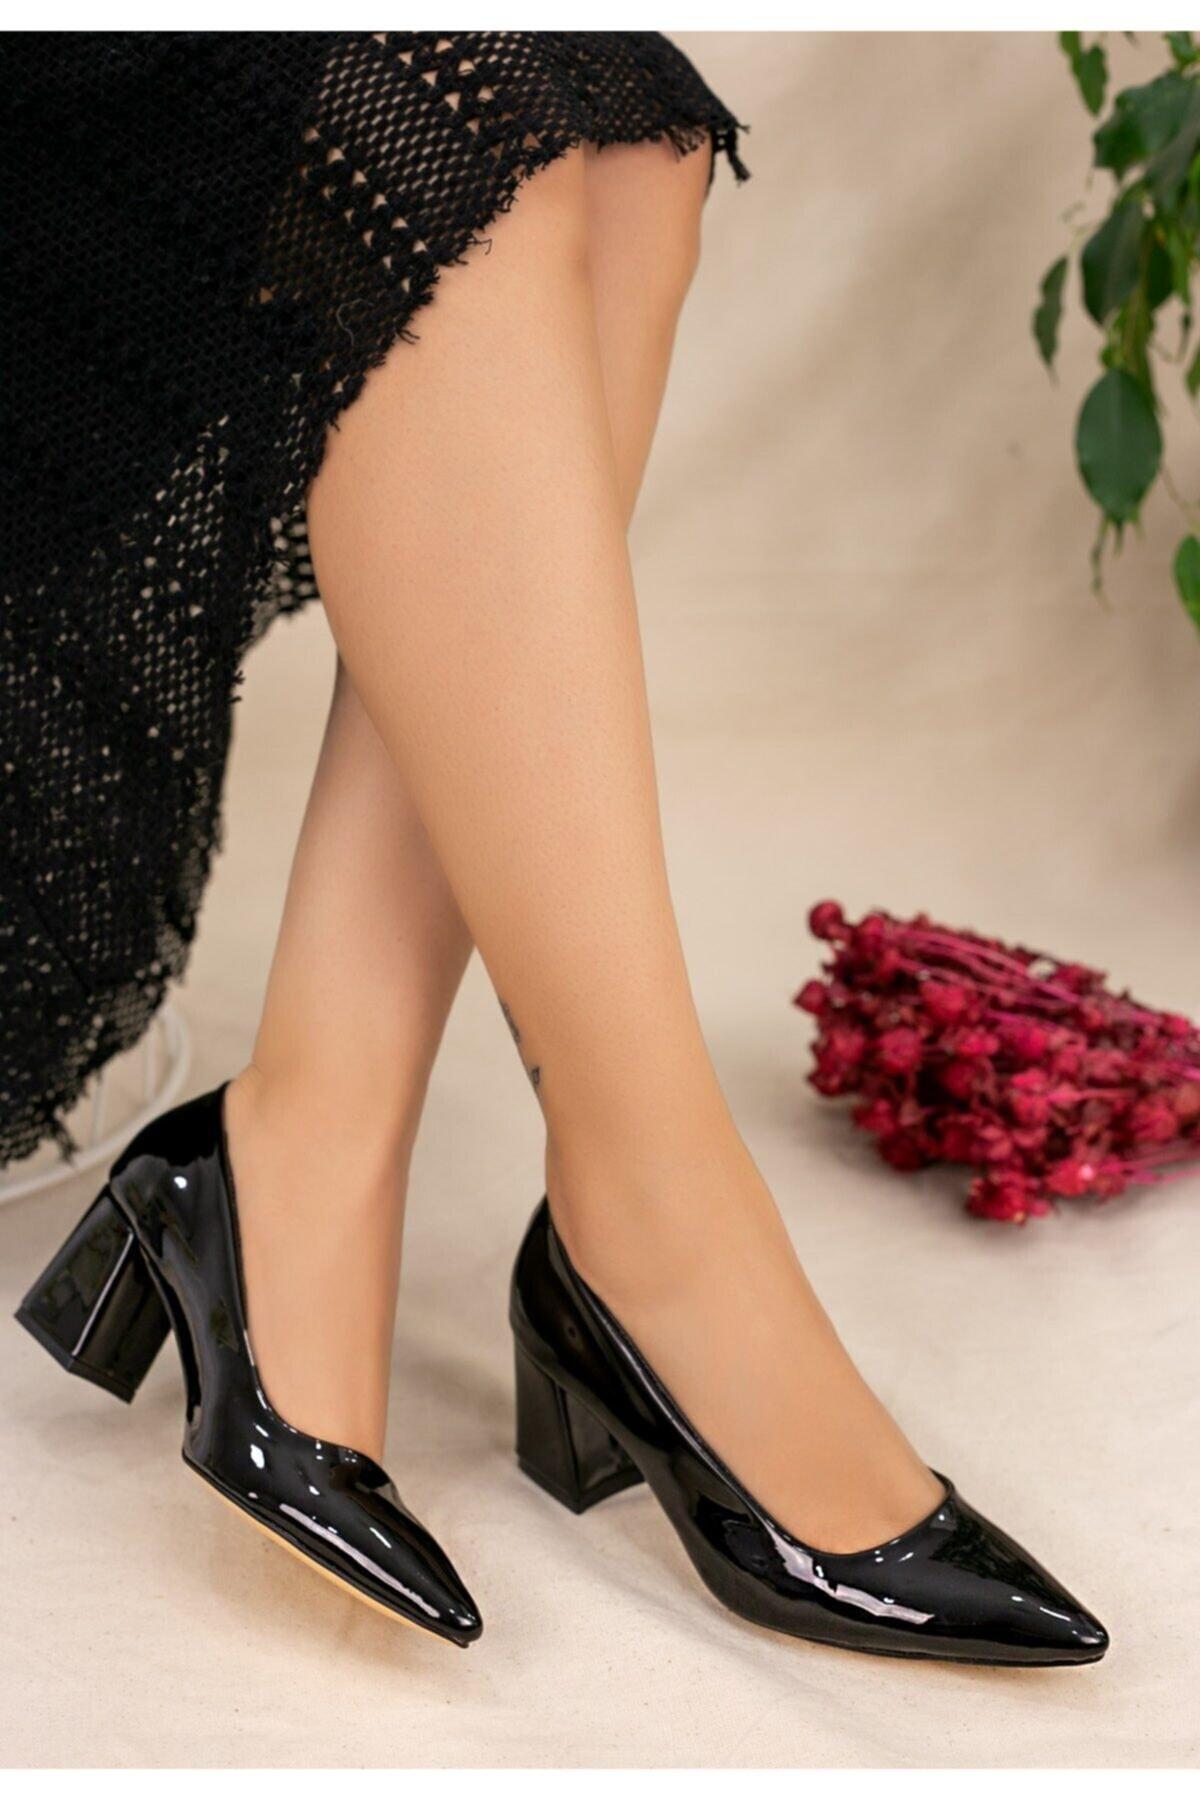 karazona Kadın Siyah Rugan Topuklu Ayakkabı 2